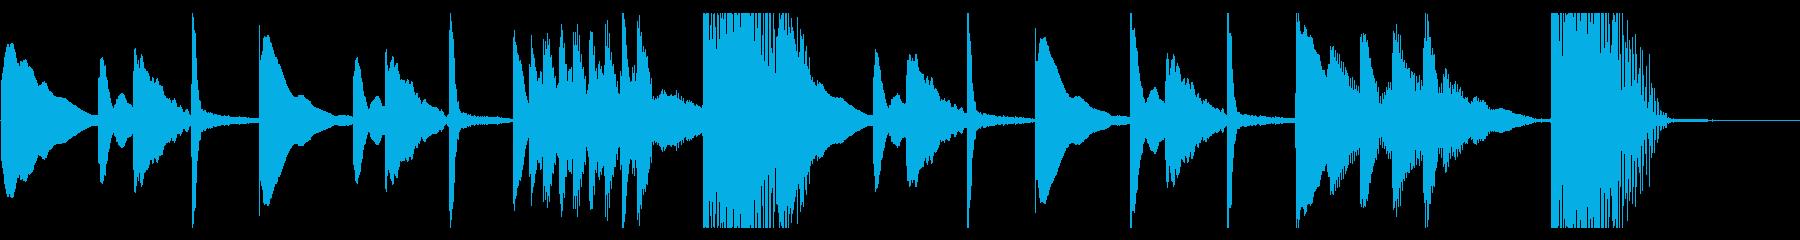 疑い・懐疑なシーンのシンプルなジングルの再生済みの波形